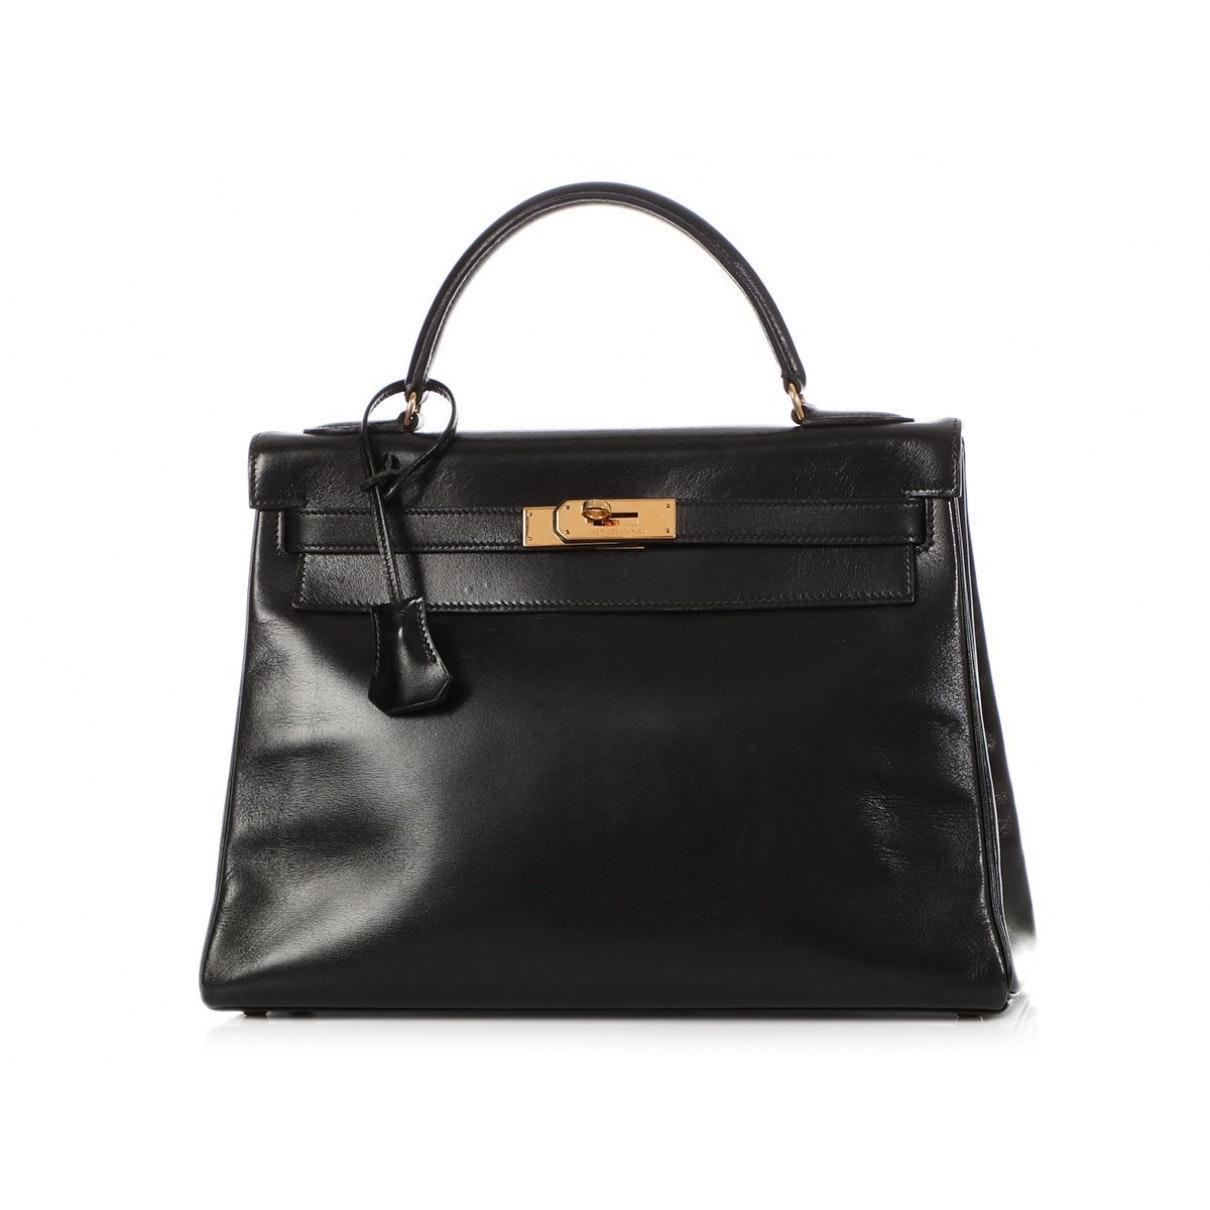 Hermès Leder Kelly 32 Leder Handtaschen in Schwarz MMxVI